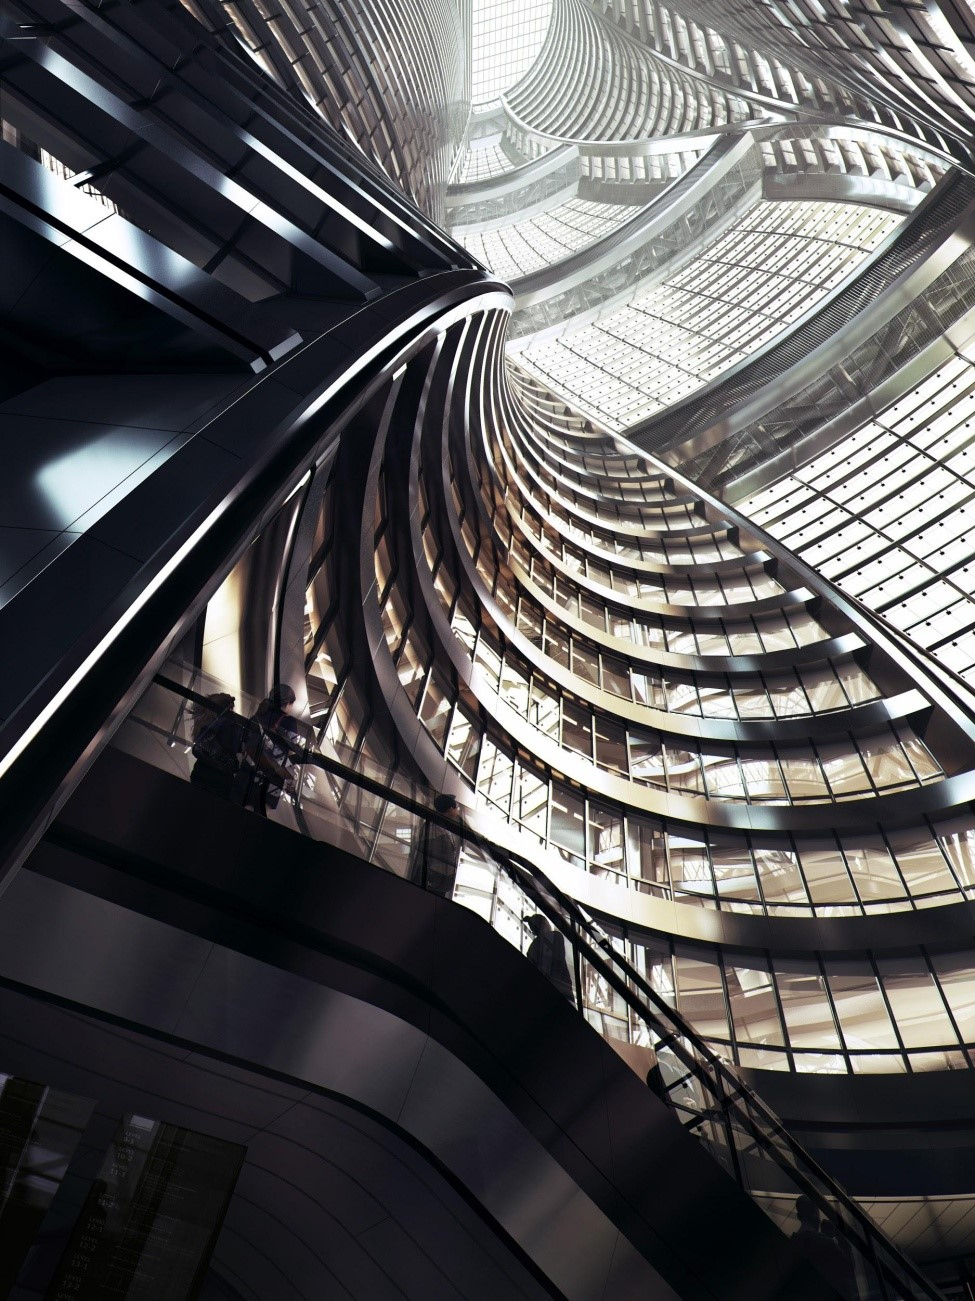 Um arranha-céus com pátio interior em Pequim